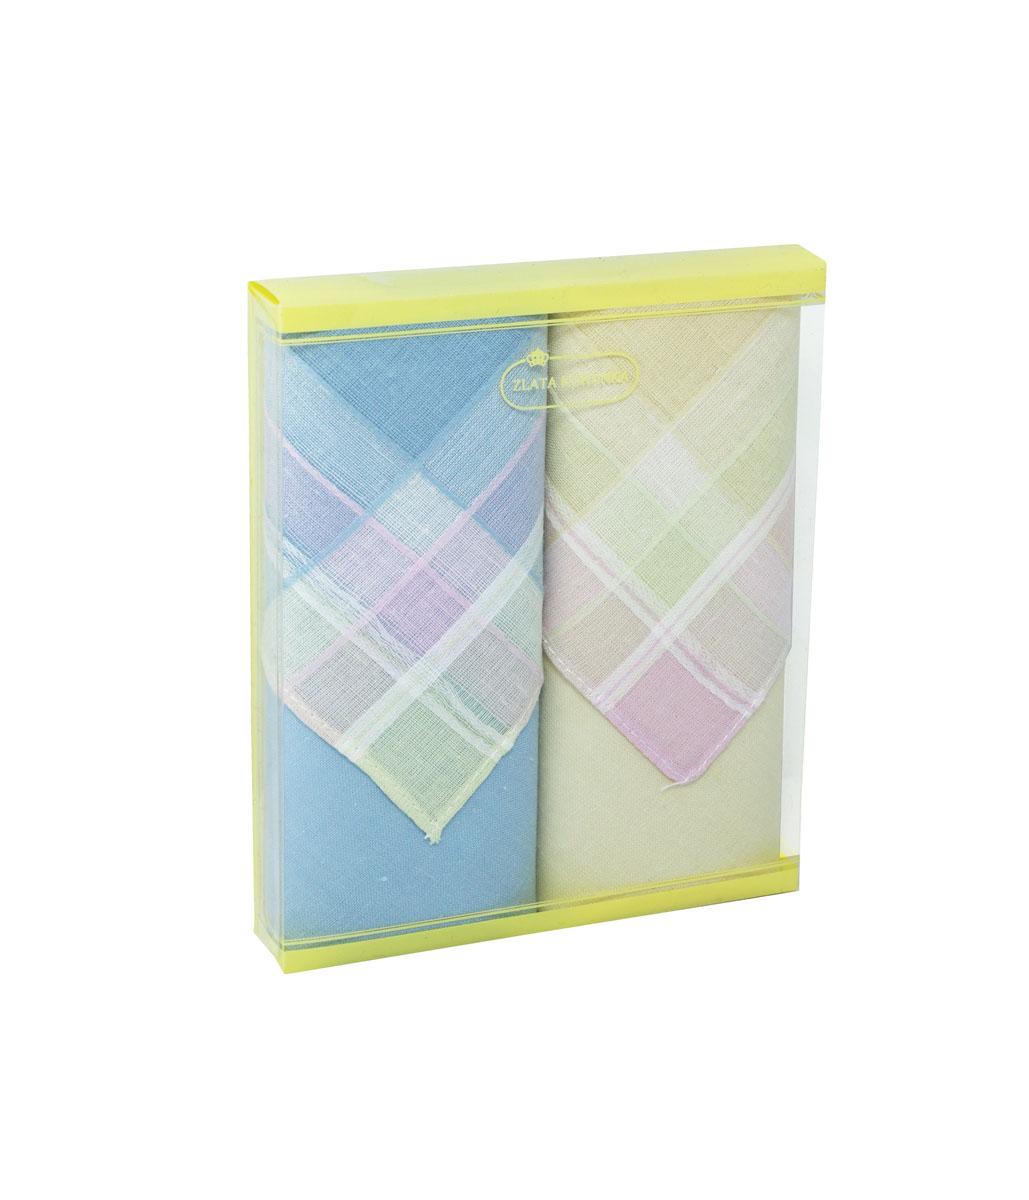 71225-8 Zlata Korunka Носовой платок женский, цвет: мультиколор, 34х34 см, 2 шт71225-8Платки носовые женские в упаковке по 2 шт. Носовые платки изготовлены из 100% хлопка, так как этот материал приятен в использовании, хорошо стирается, не садится, отлично впитывает влагу.